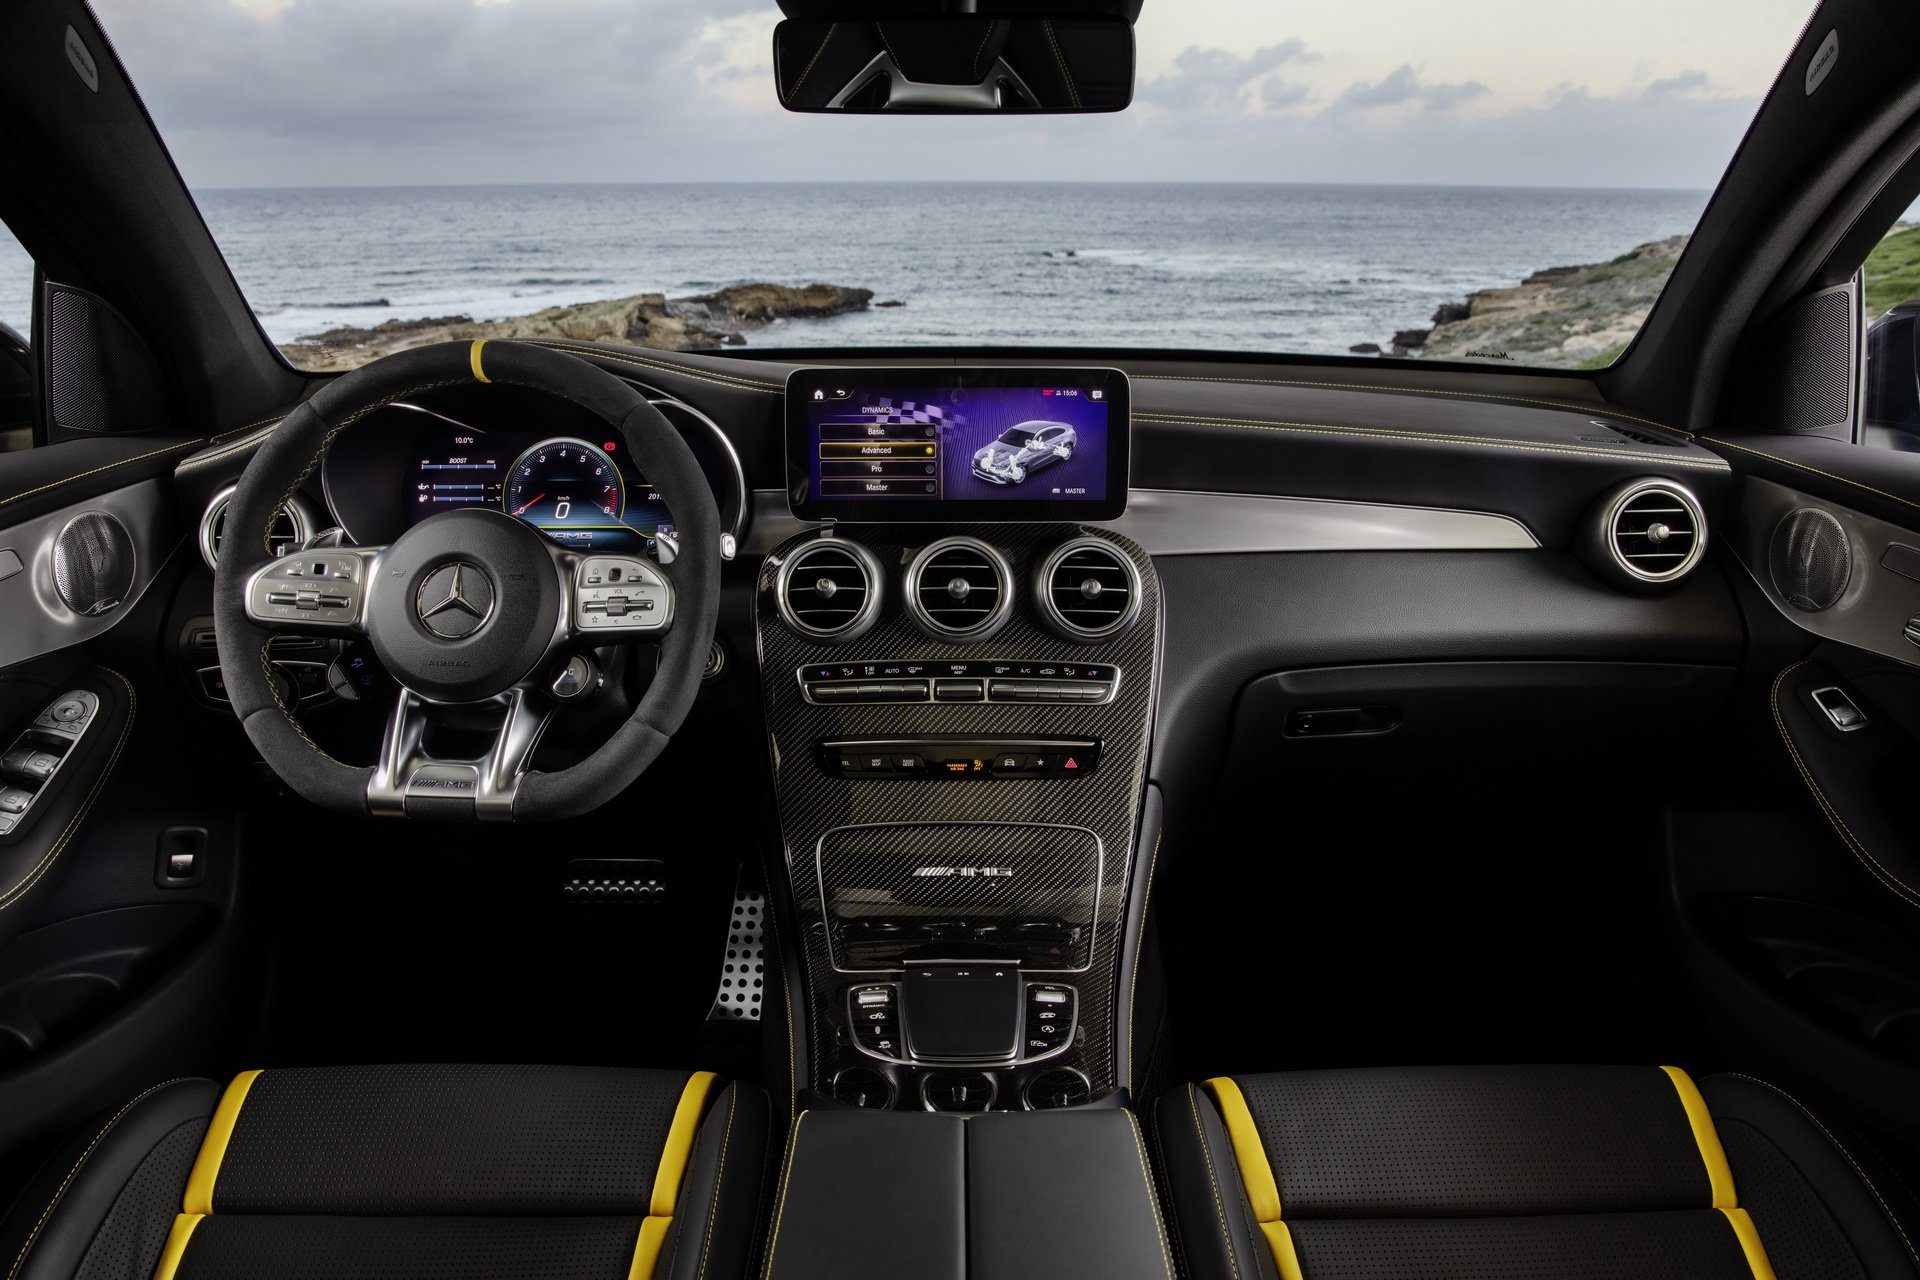 Mercedes AMG GLC 63 phiên bản mạnh nhất có giá từ 2,2 tỷ đồng tại Anh - 08